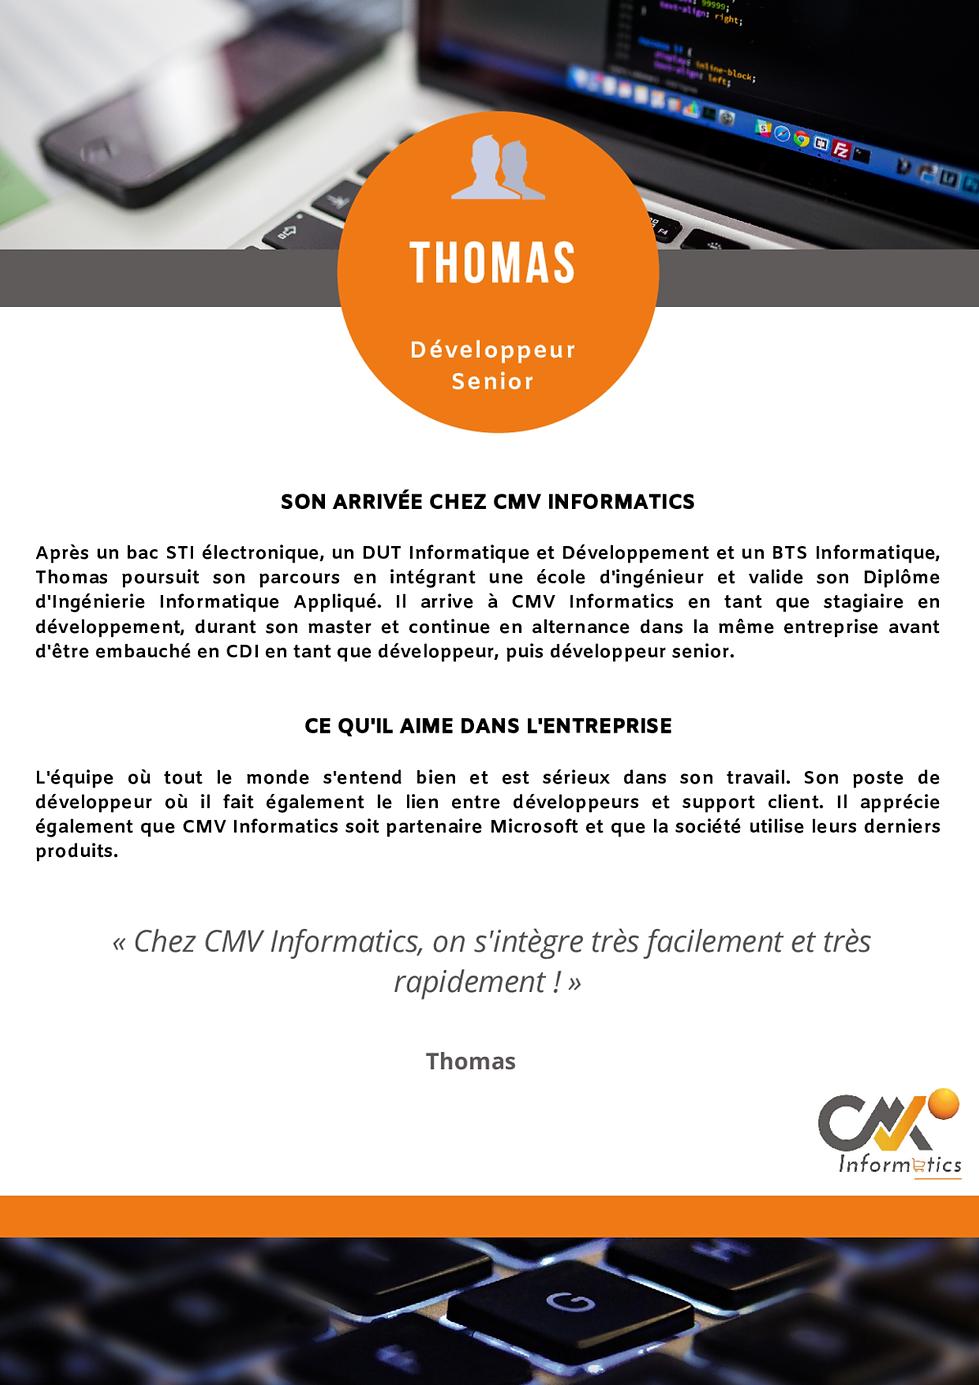 Thomas_G.png